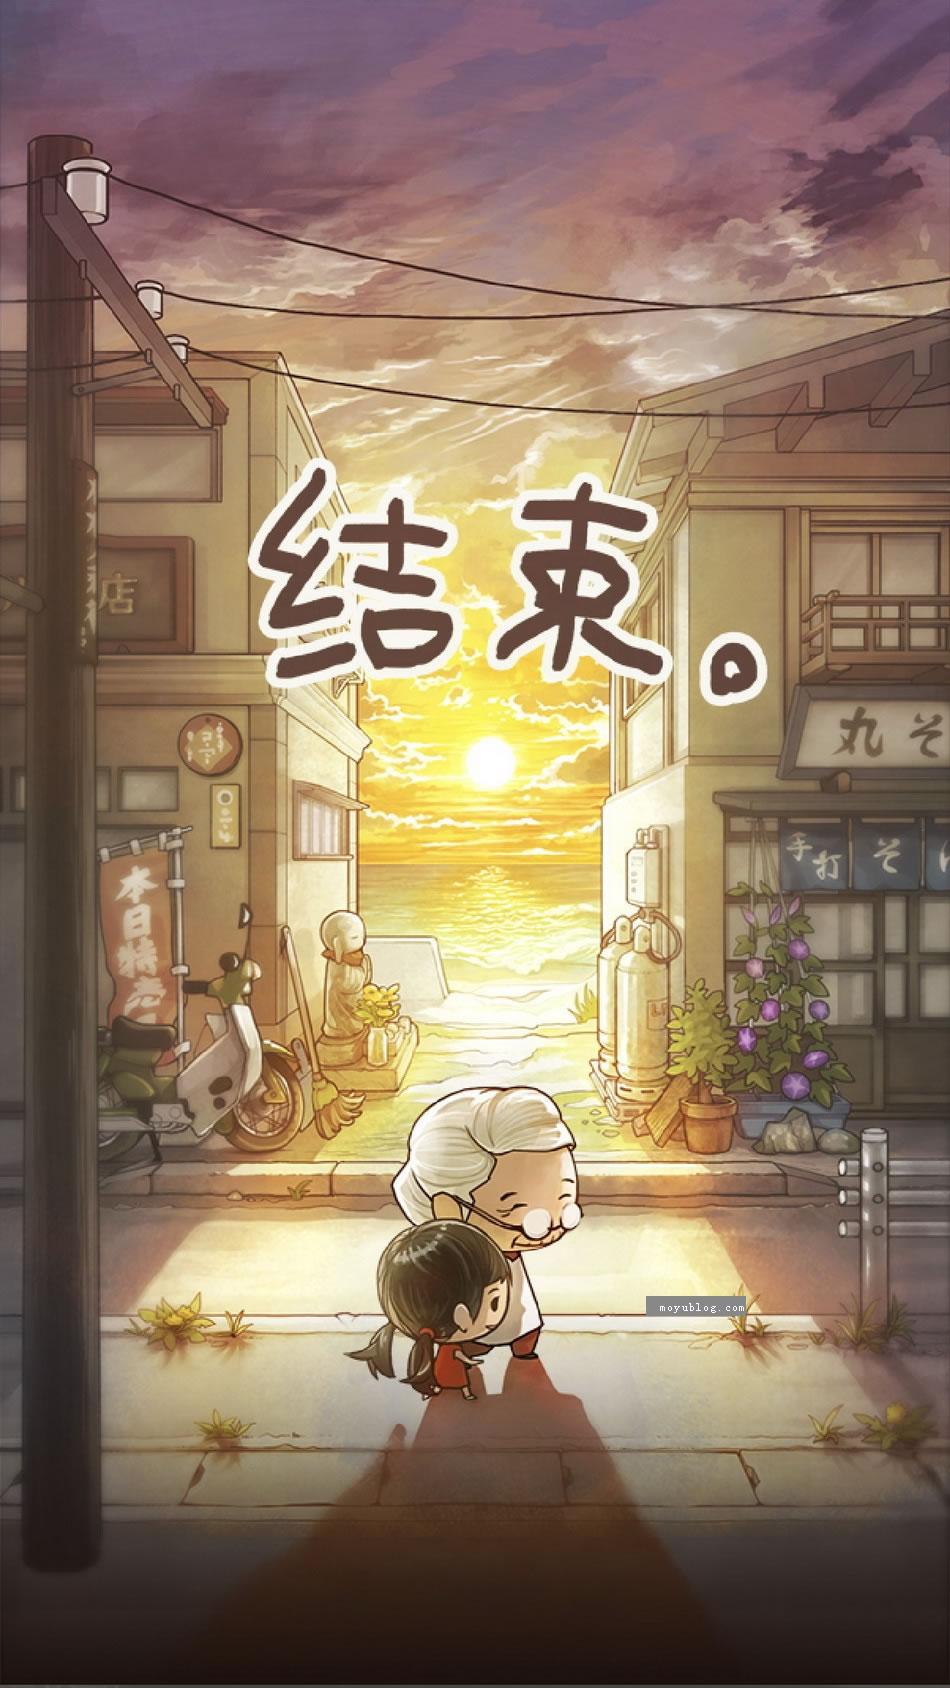 《昭和杂货店物语3》全解锁通关啦,附上通关截图!